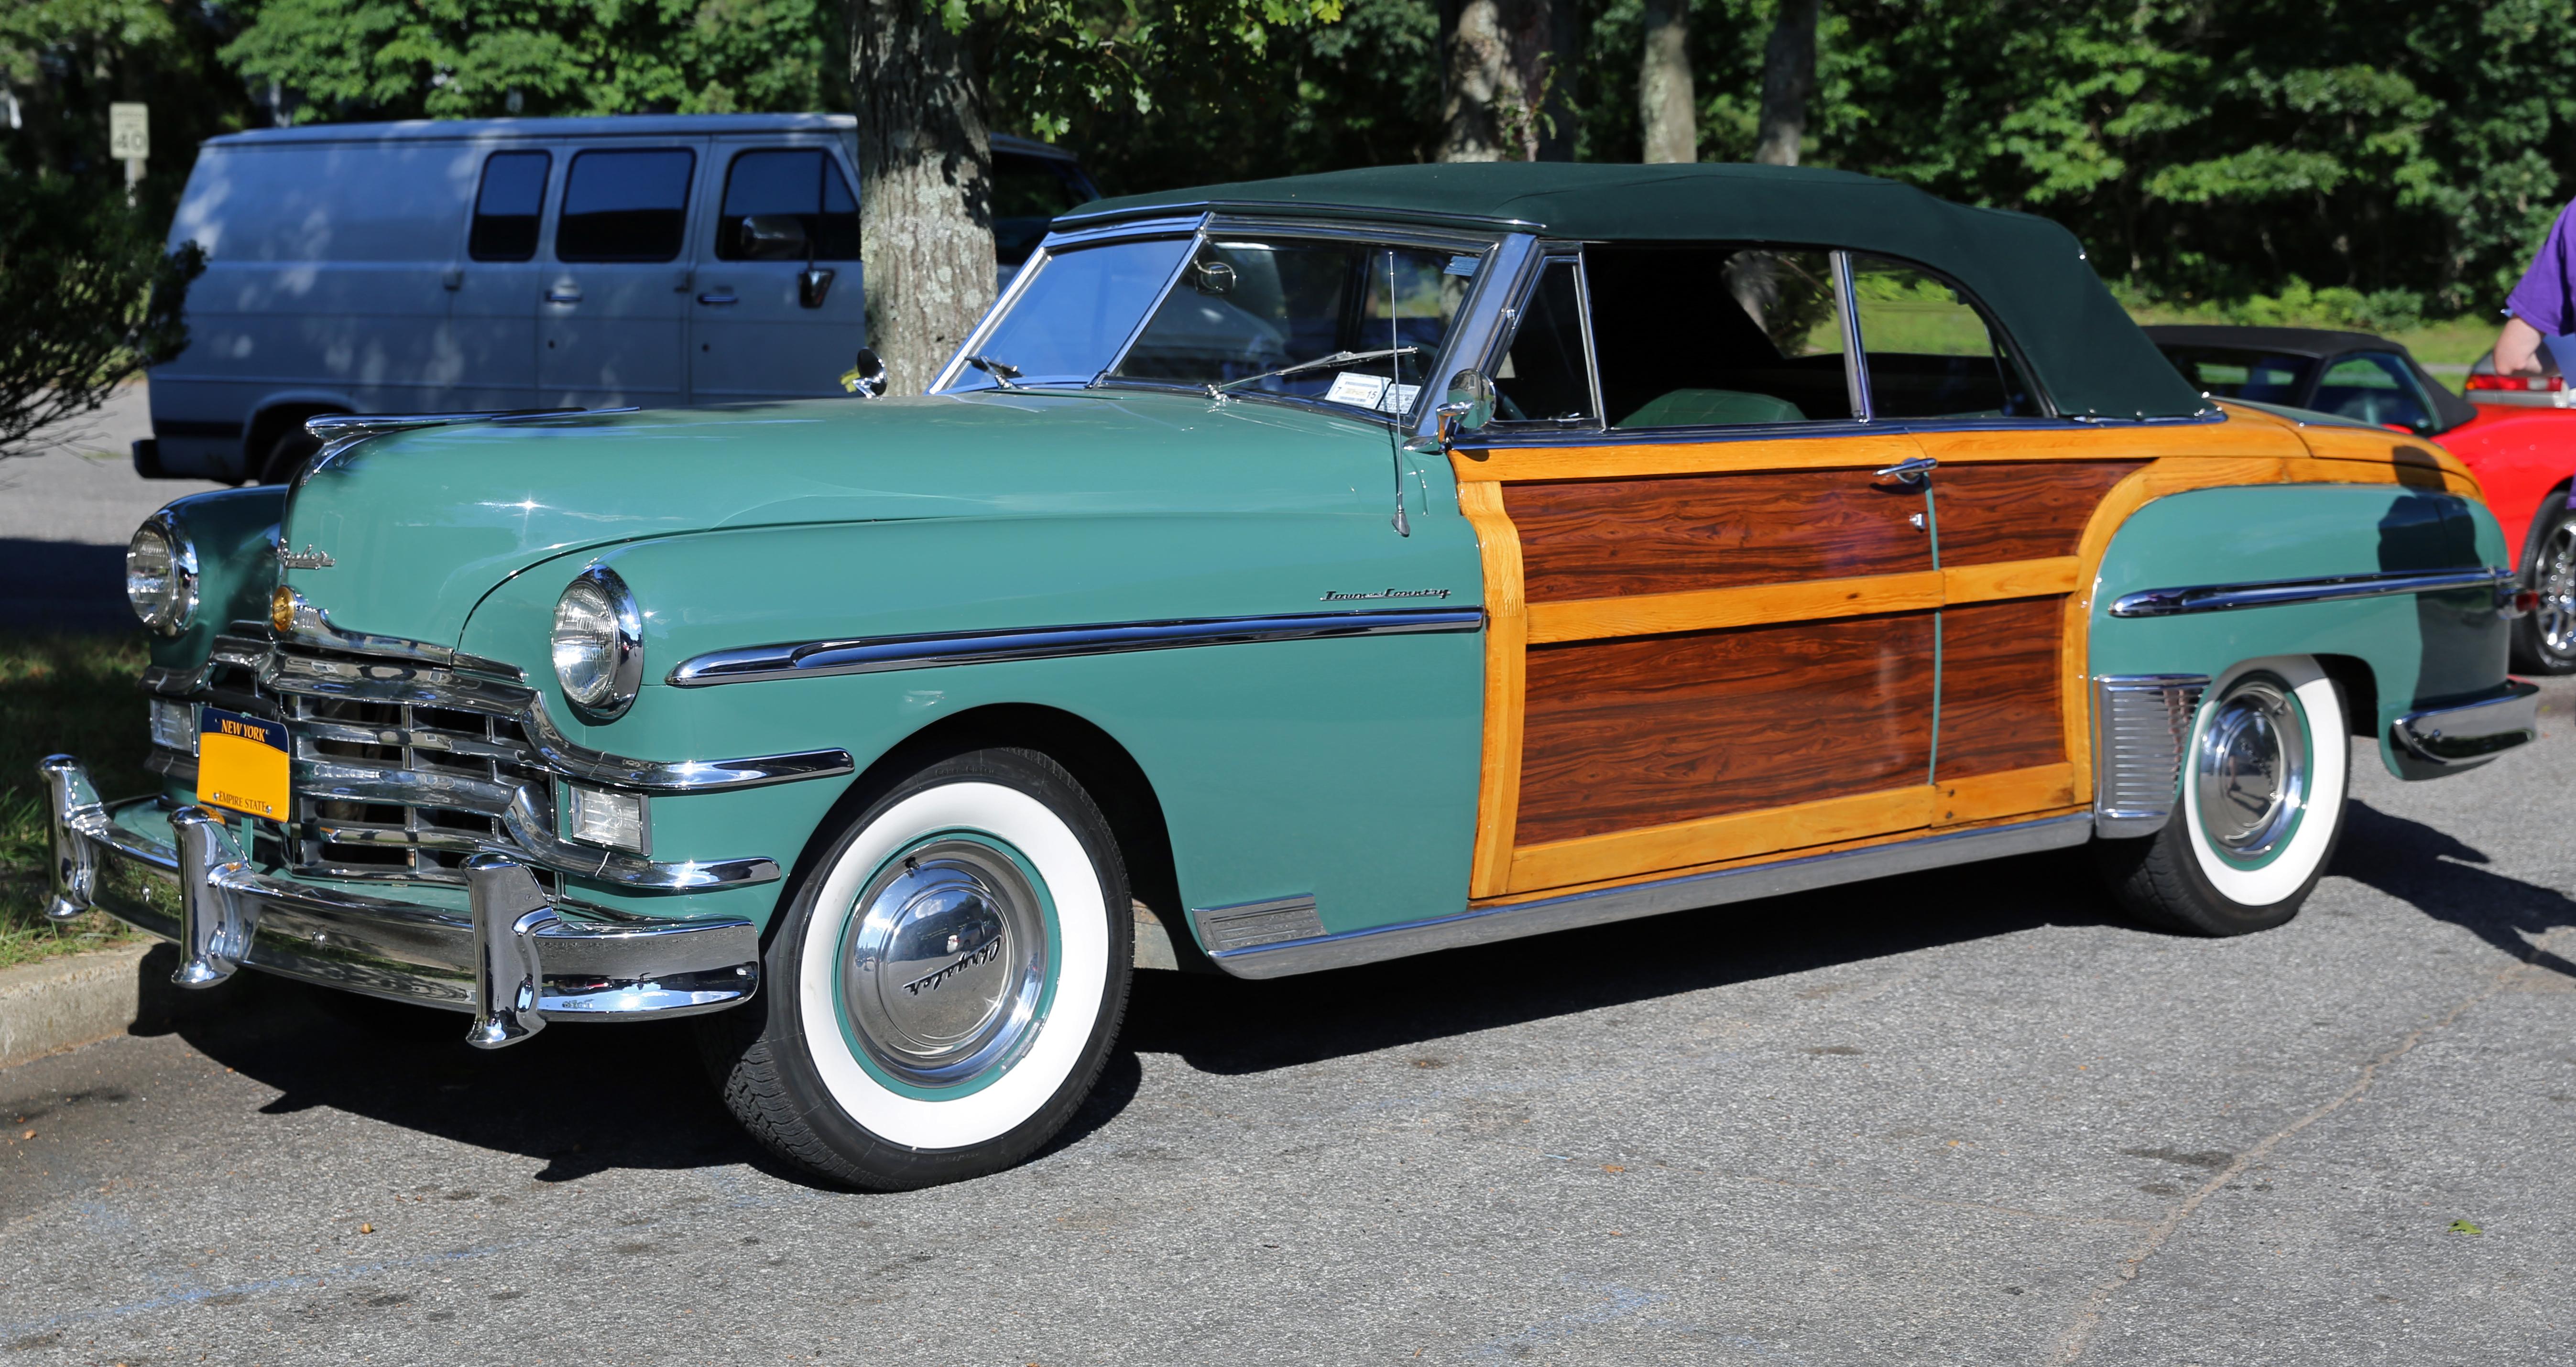 Chrysler New Yorker X Fifth Avenue 33 V6 150 Hp 1954 Deluxe Newport Resimleri